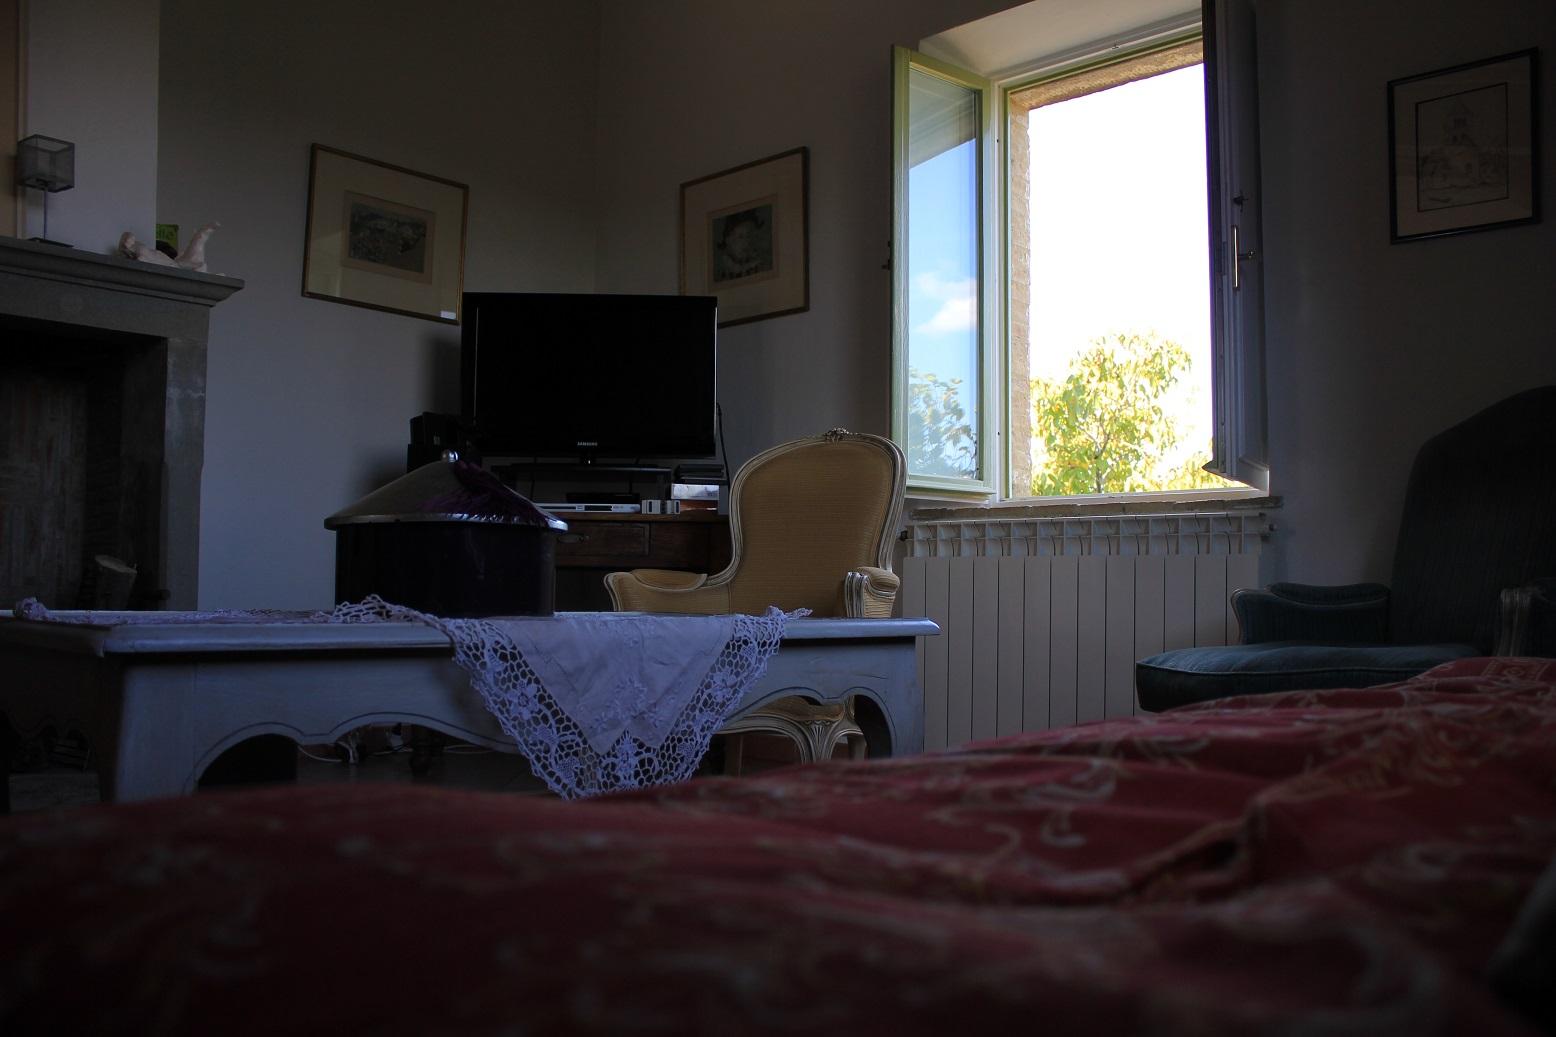 location villa de vacances, toscane, italie, pise, florence